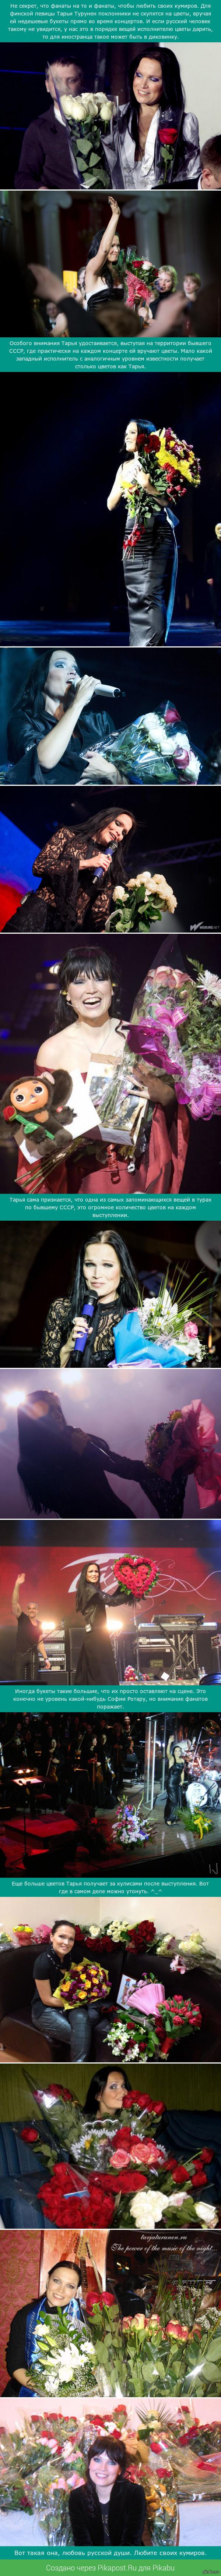 такая она, любовь русской души сказ о том как у нас в стране любят финскую певицу Тарью Турунен=)